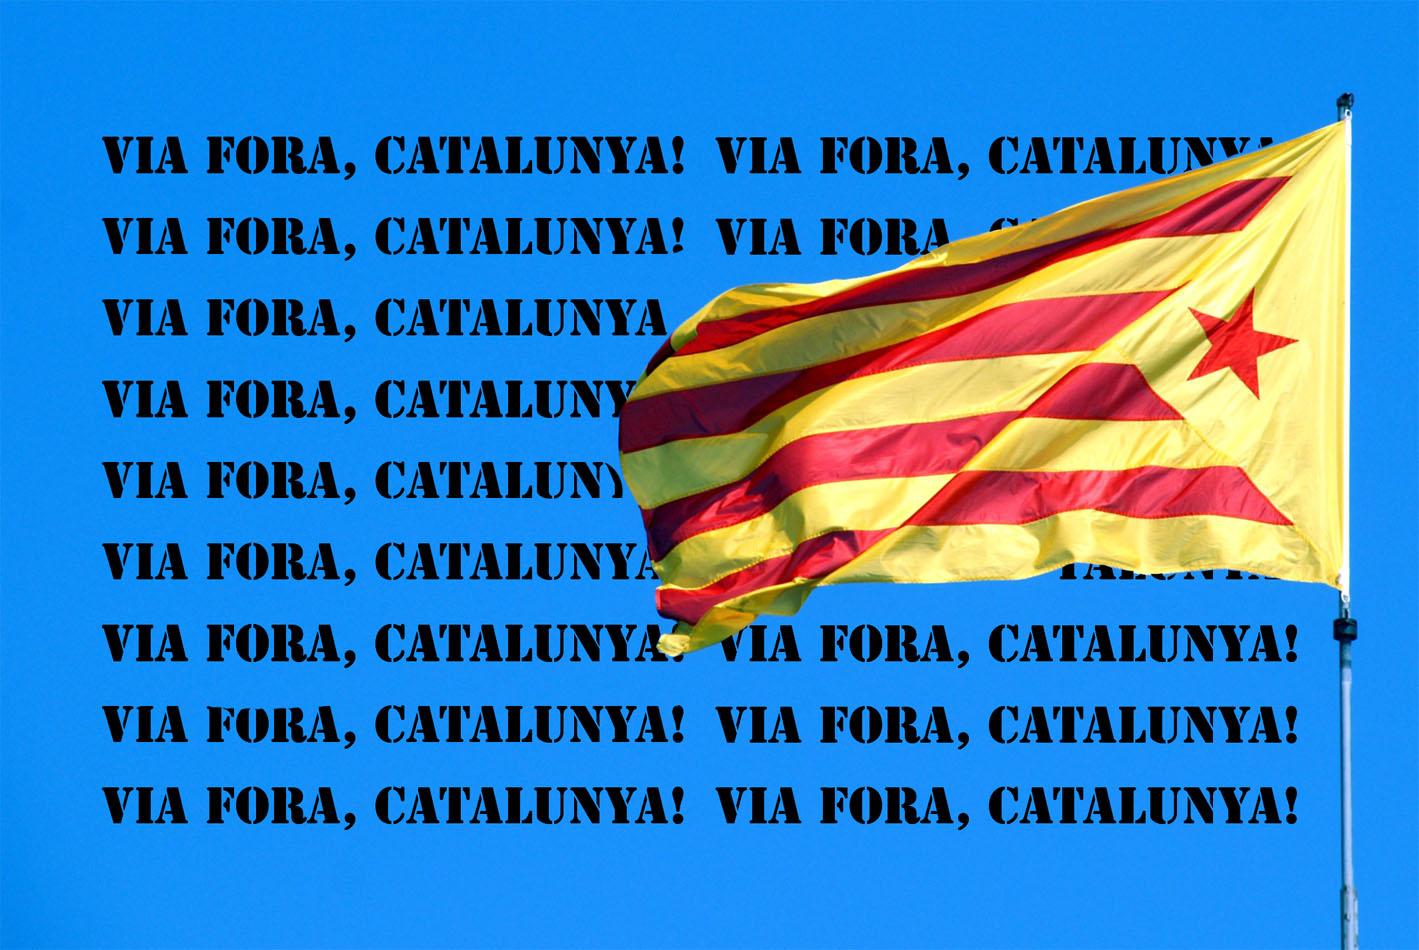 Via Fora, Catalunya!